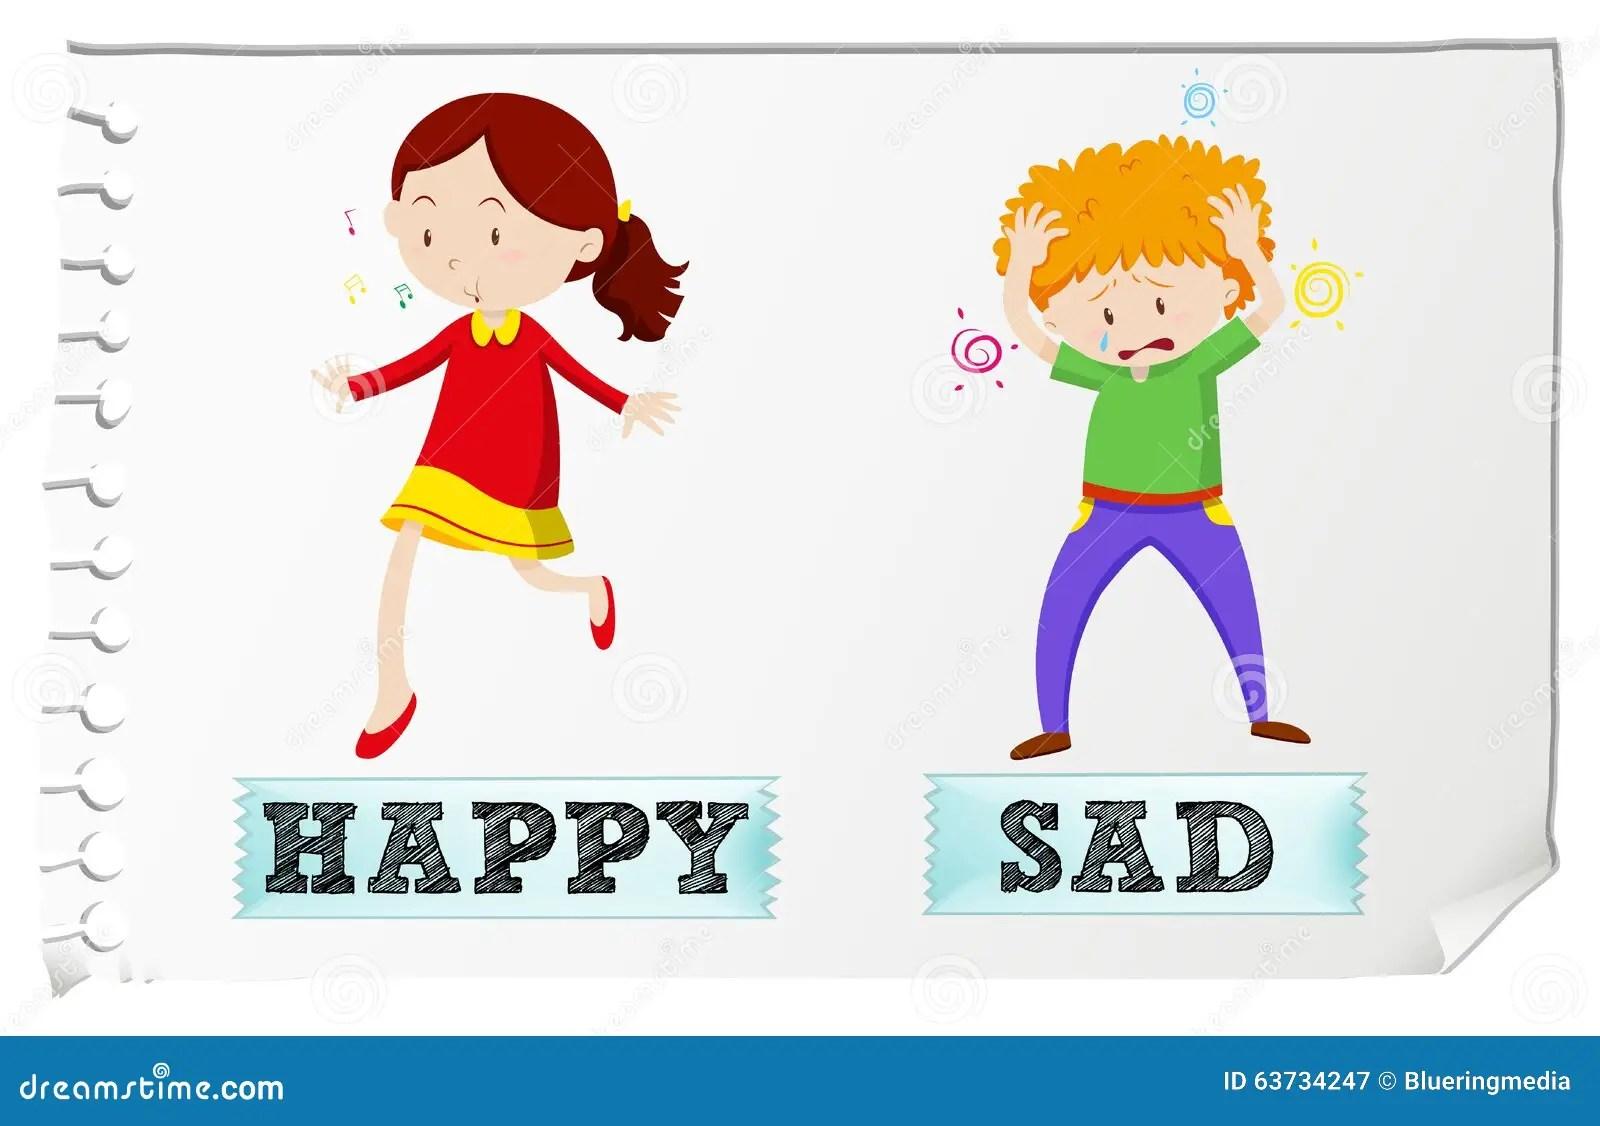 Gegenuberliegende Adjektive Glucklich Und Traurig Vektor